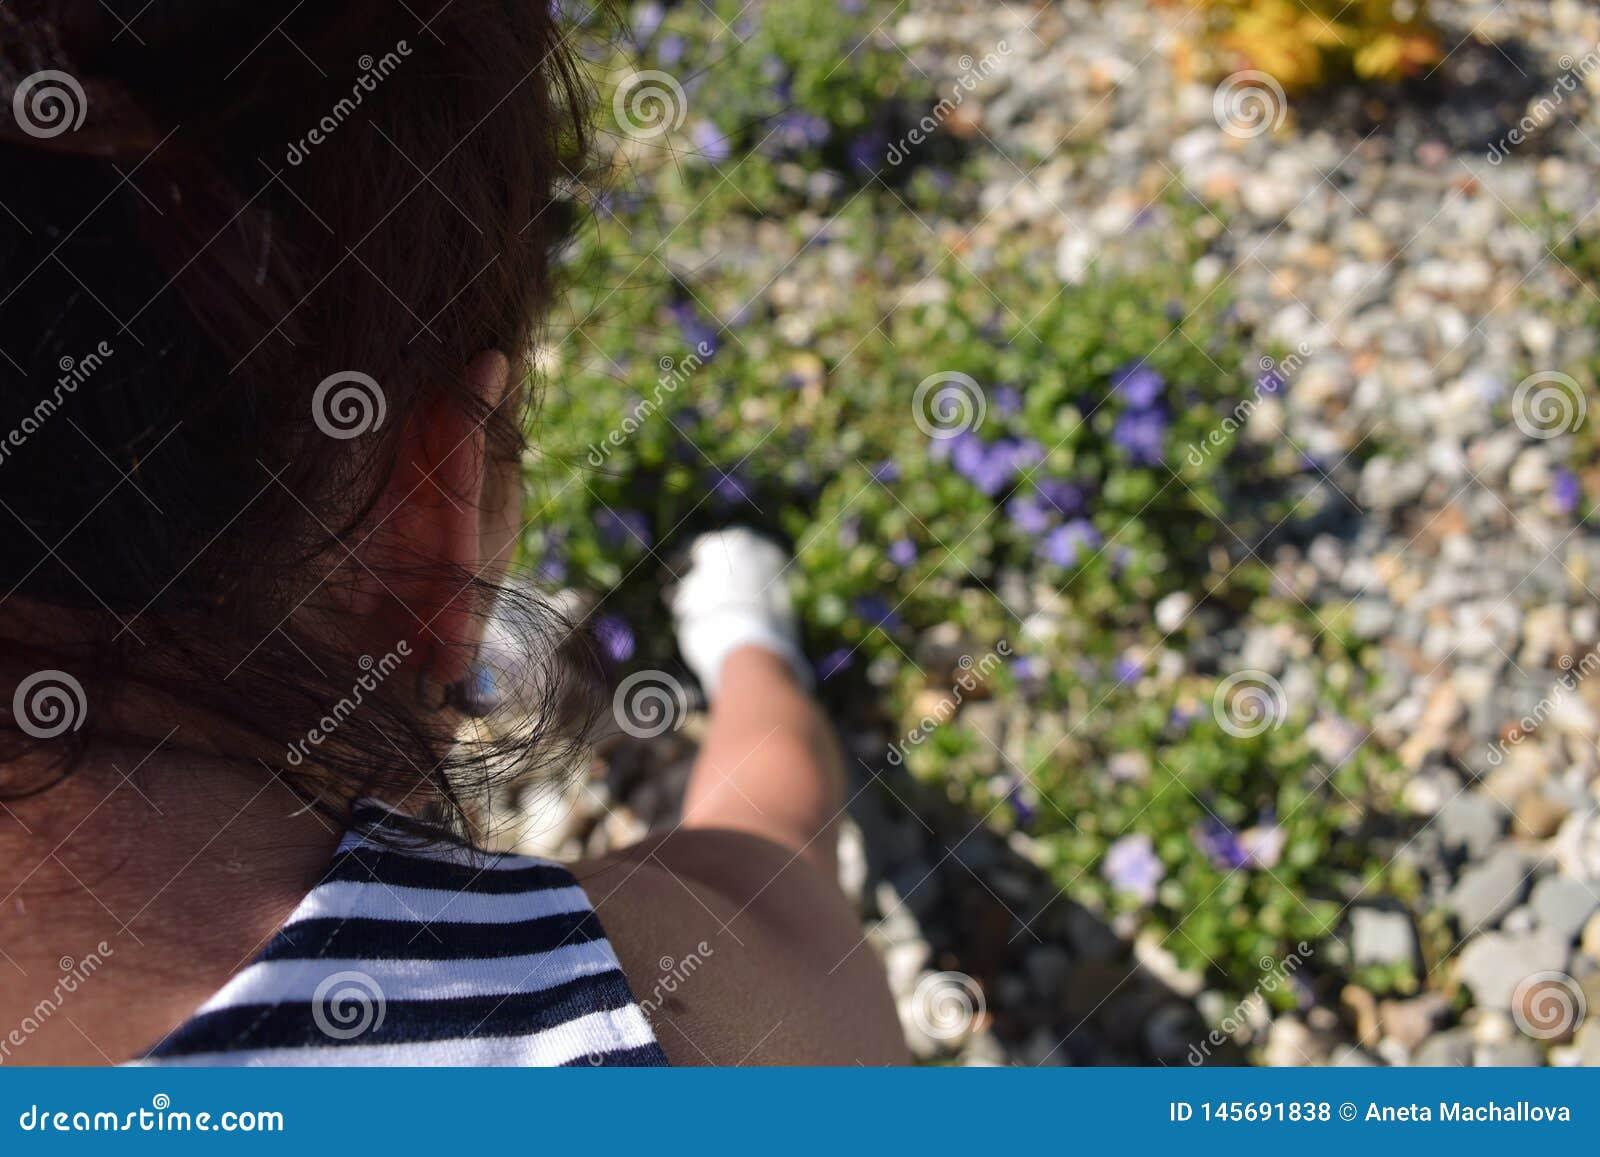 Arbeta i trädgården - en kvinna som odlar hennes blommor i trädgården